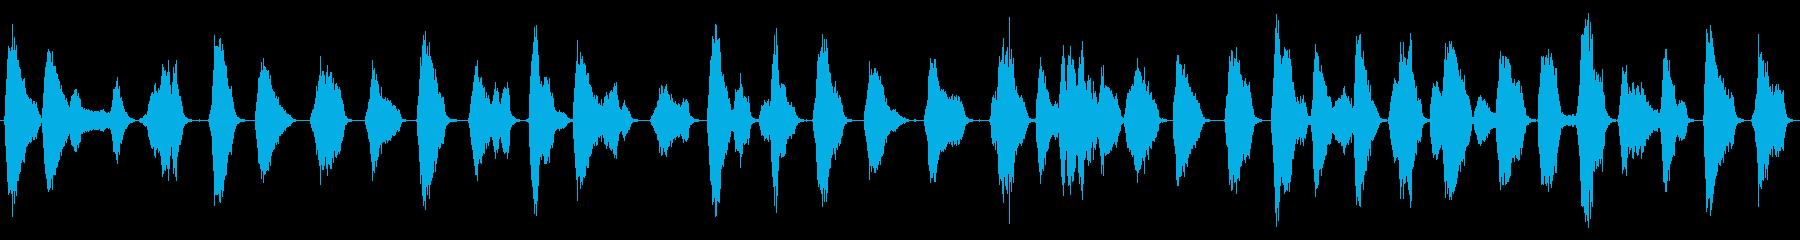 モッキンバードチックス:呼び出し、鳥の再生済みの波形